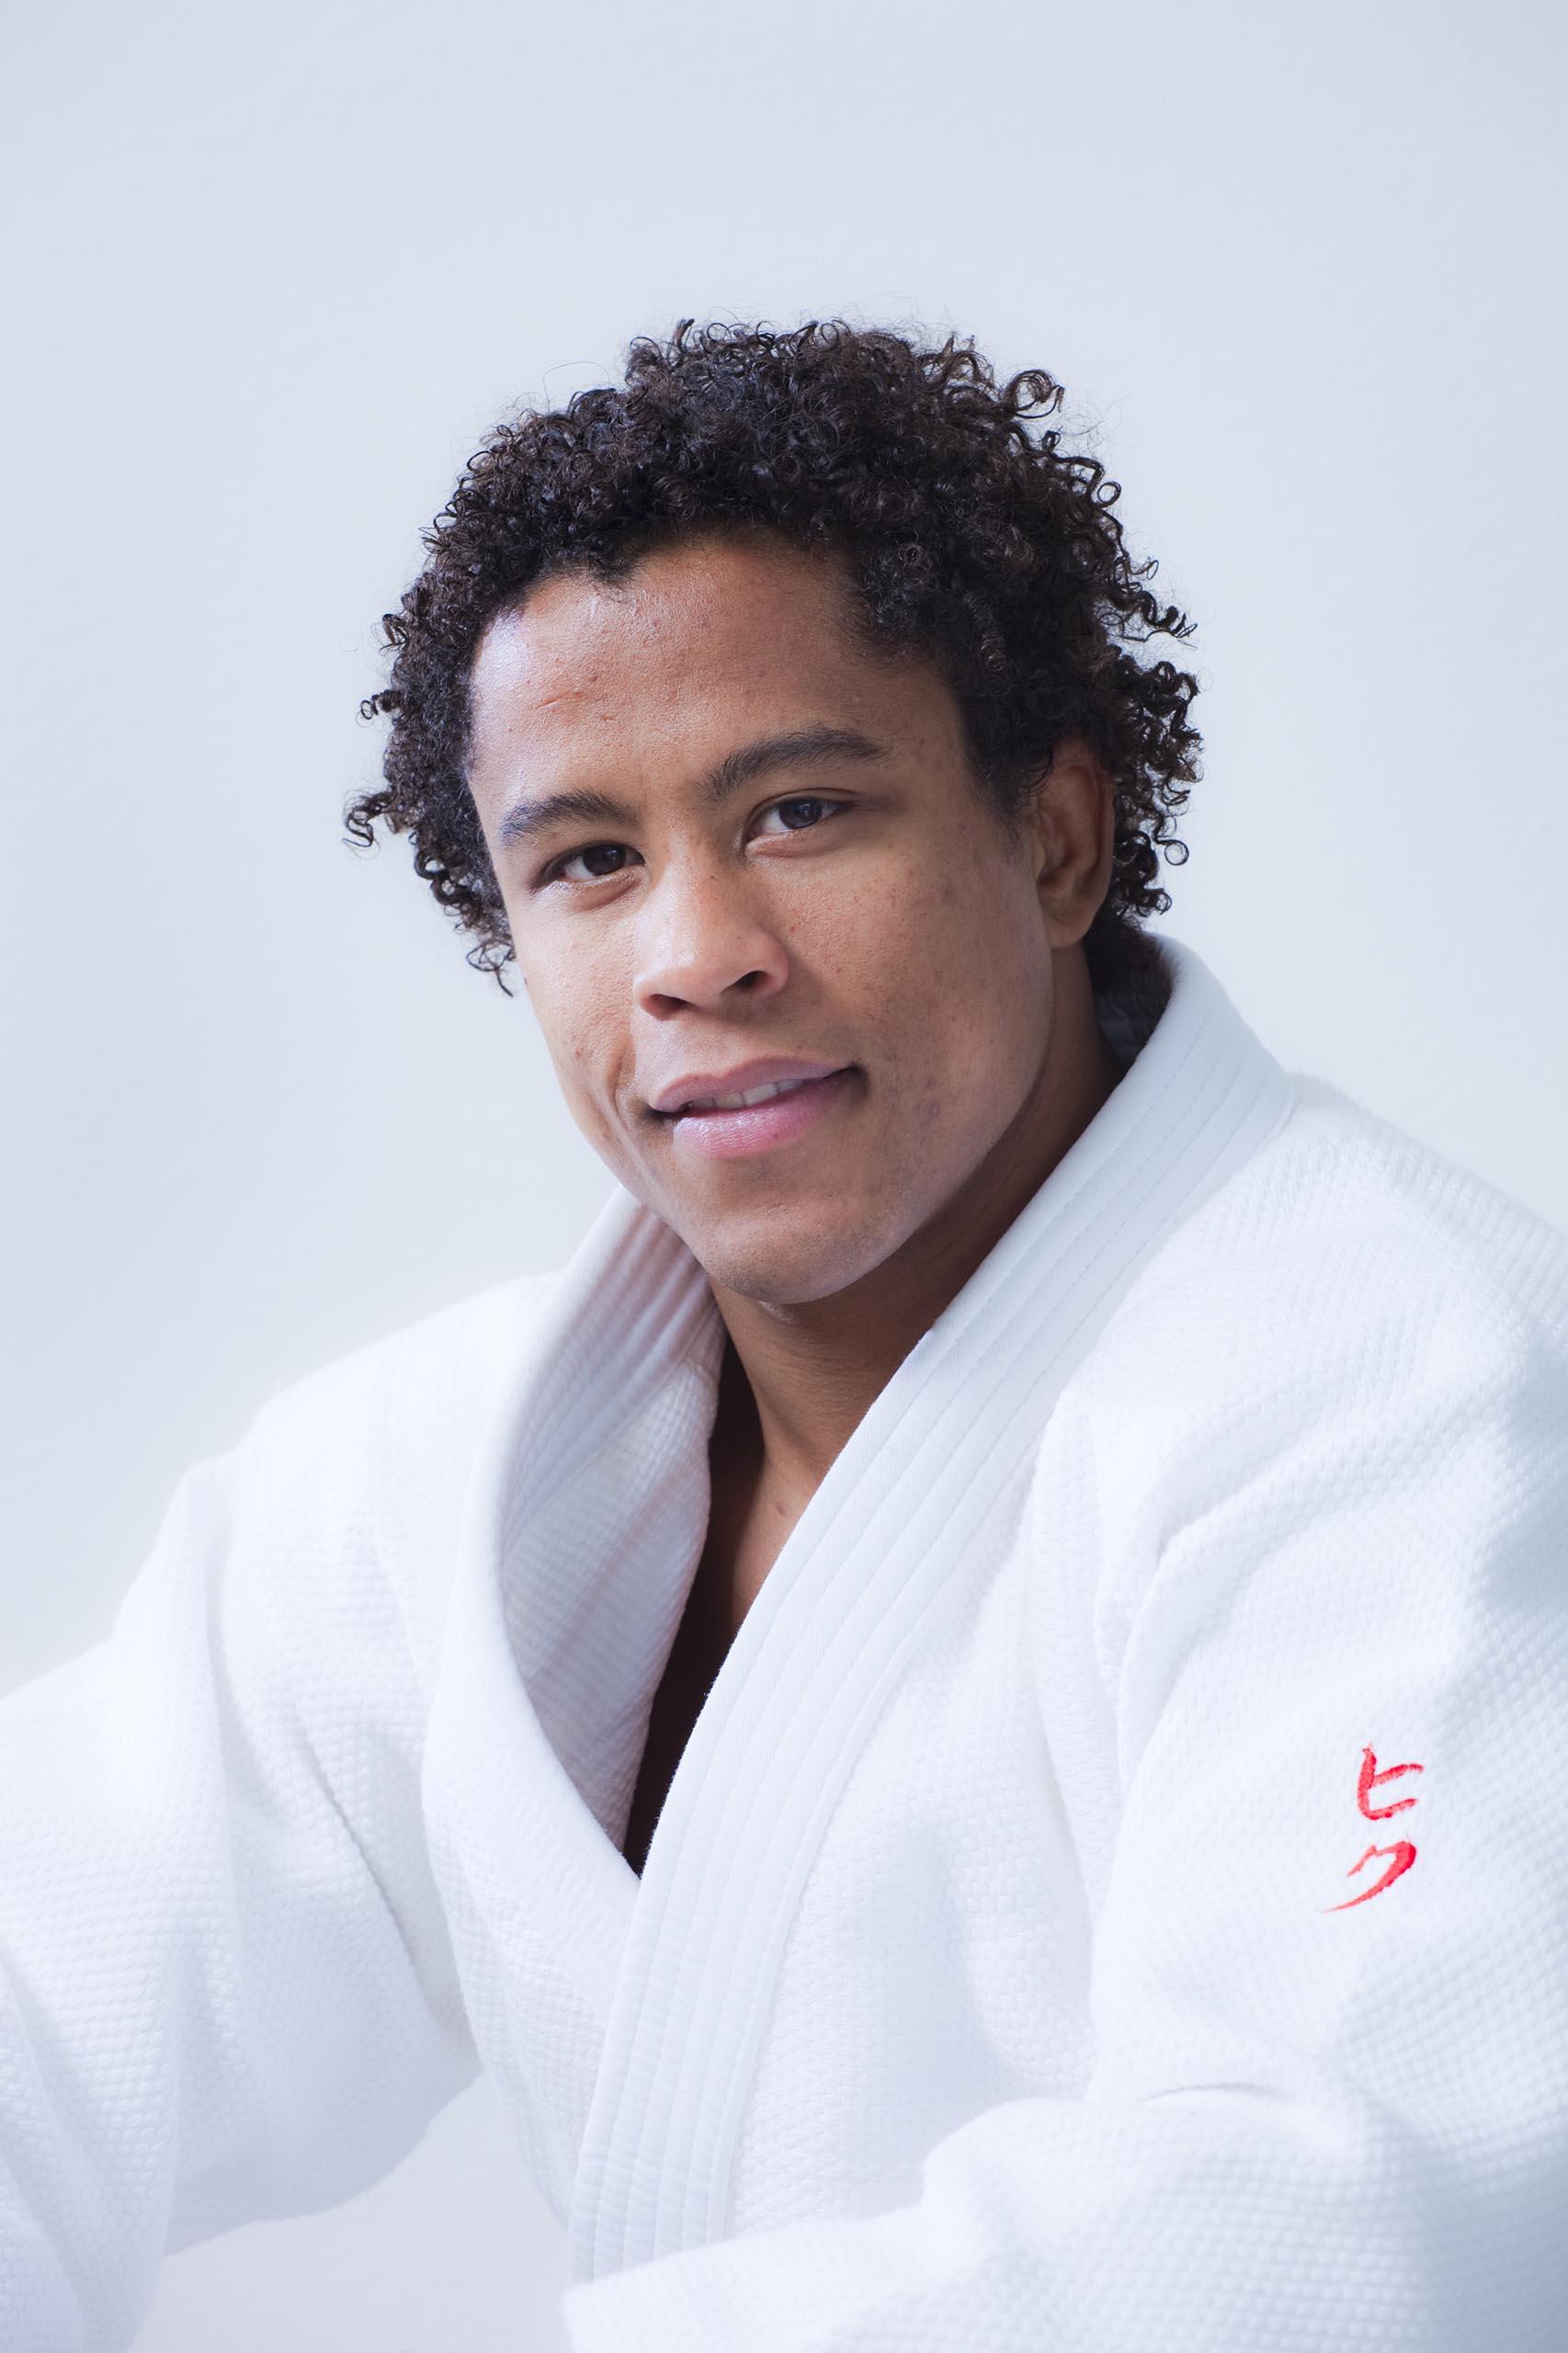 Serguei Aschwanden, judoka